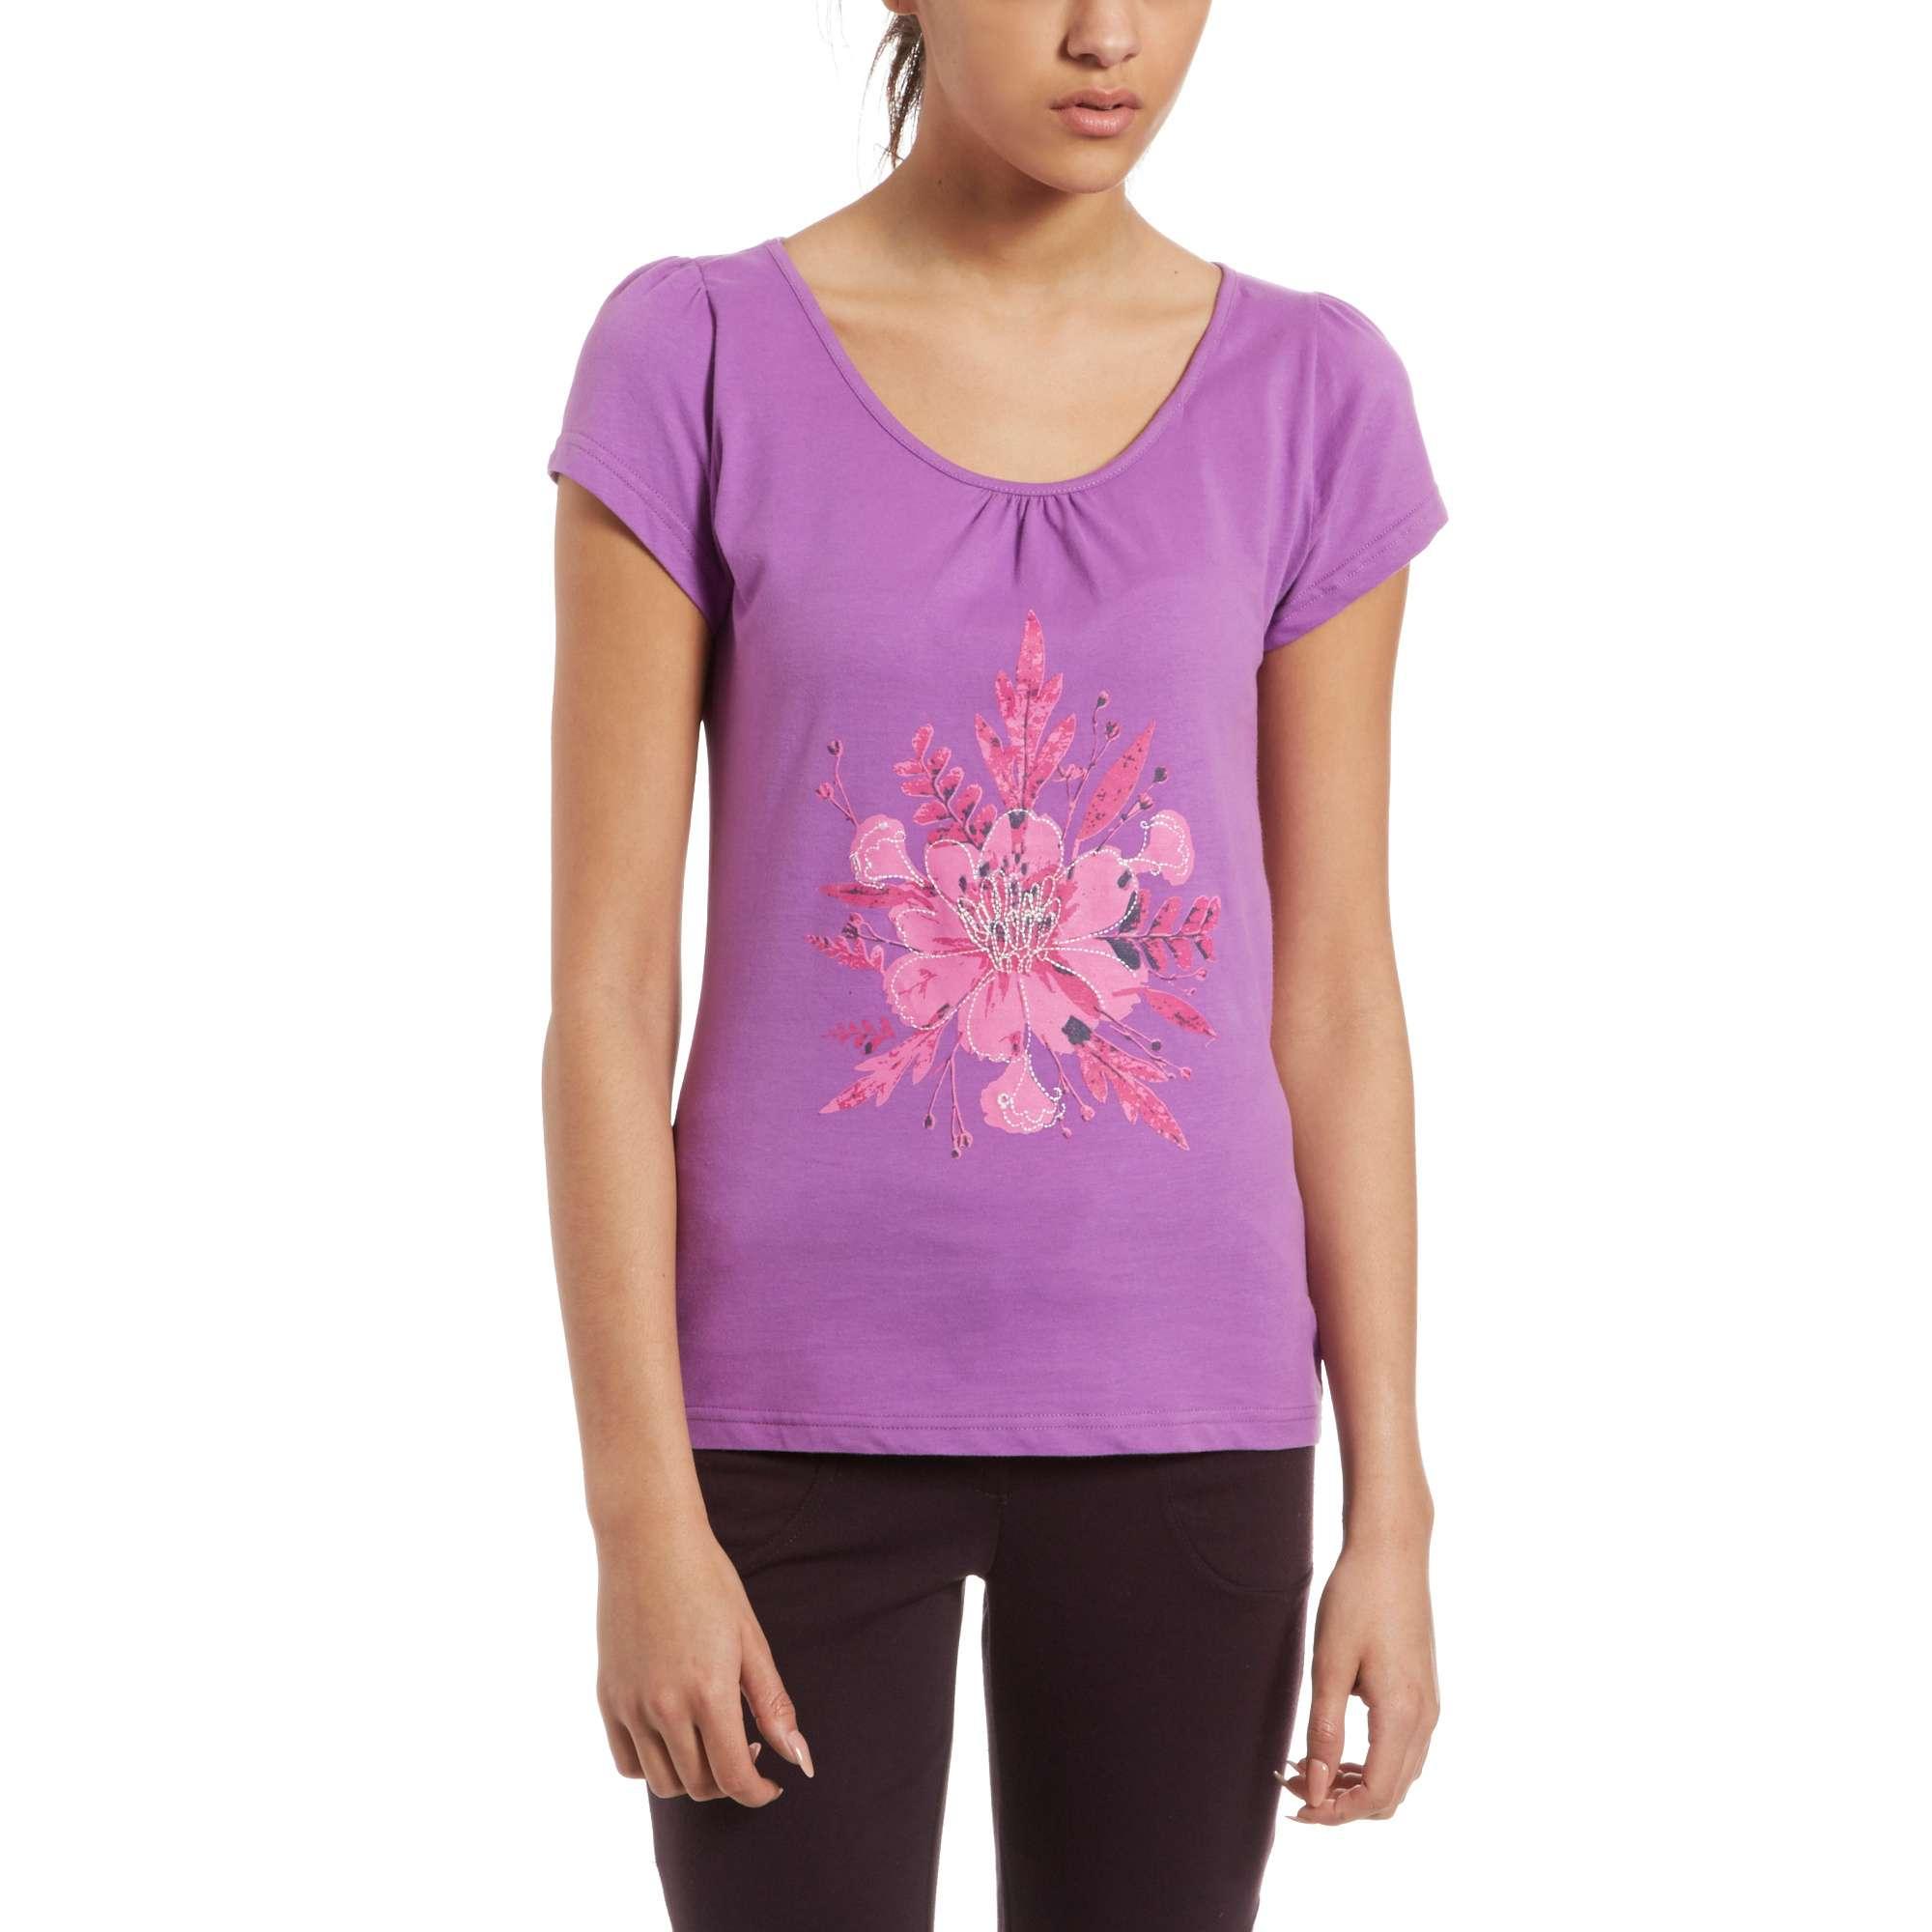 PETER STORM Women's Flower T-Shirt